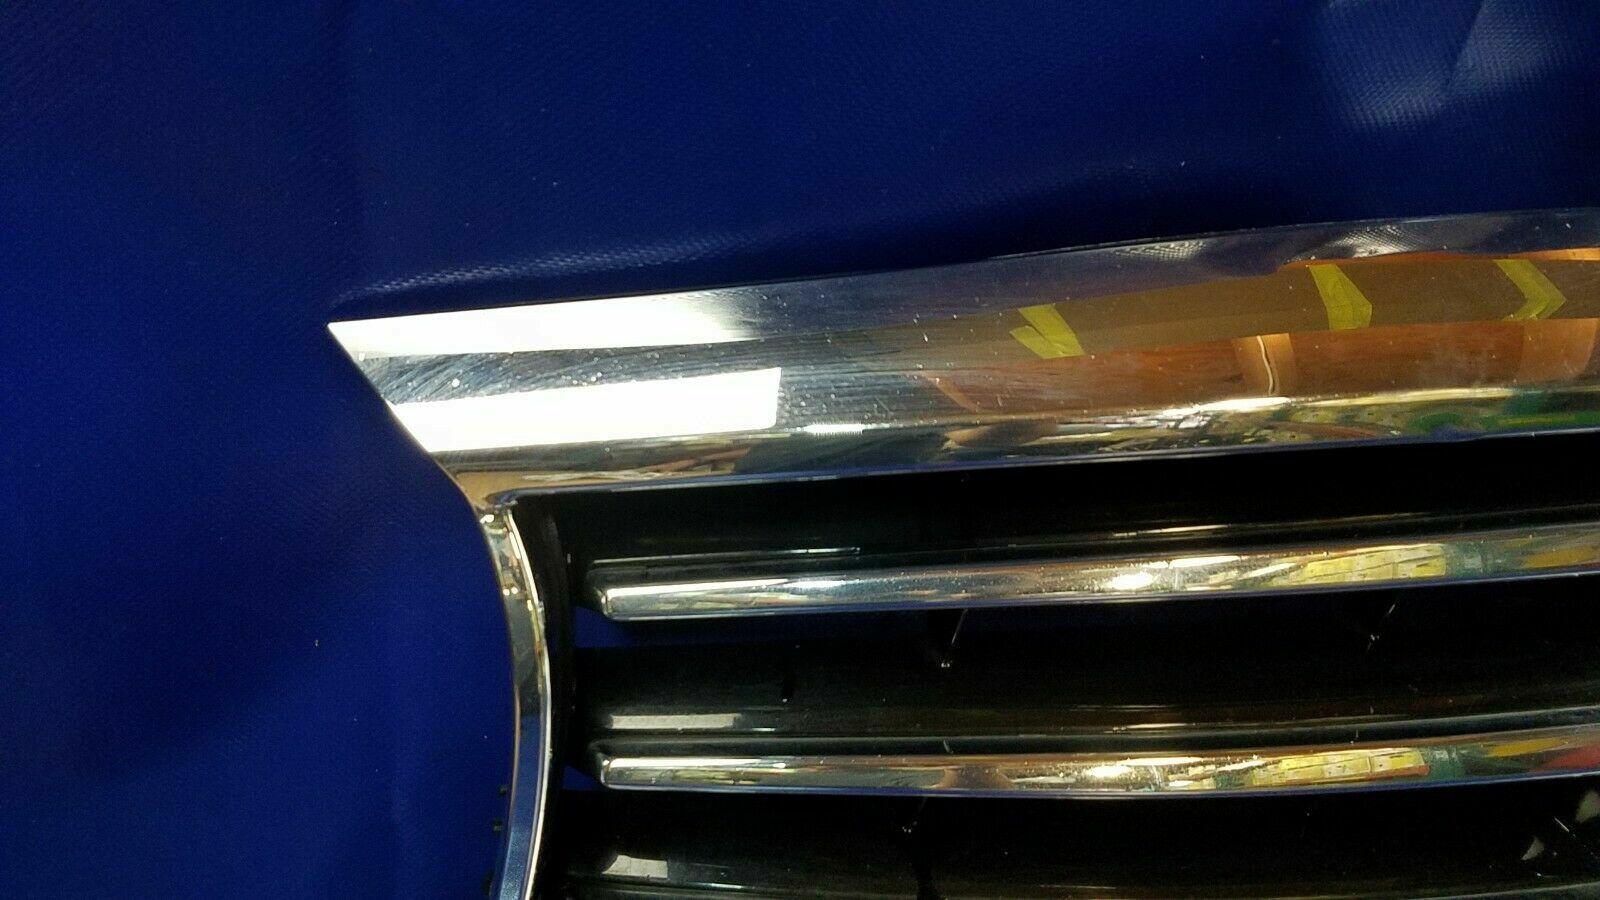 2013 - 2015 INFINITI JX35 QX60 FRONT BUMPER UPPER GRILLE W/O EMBLEM